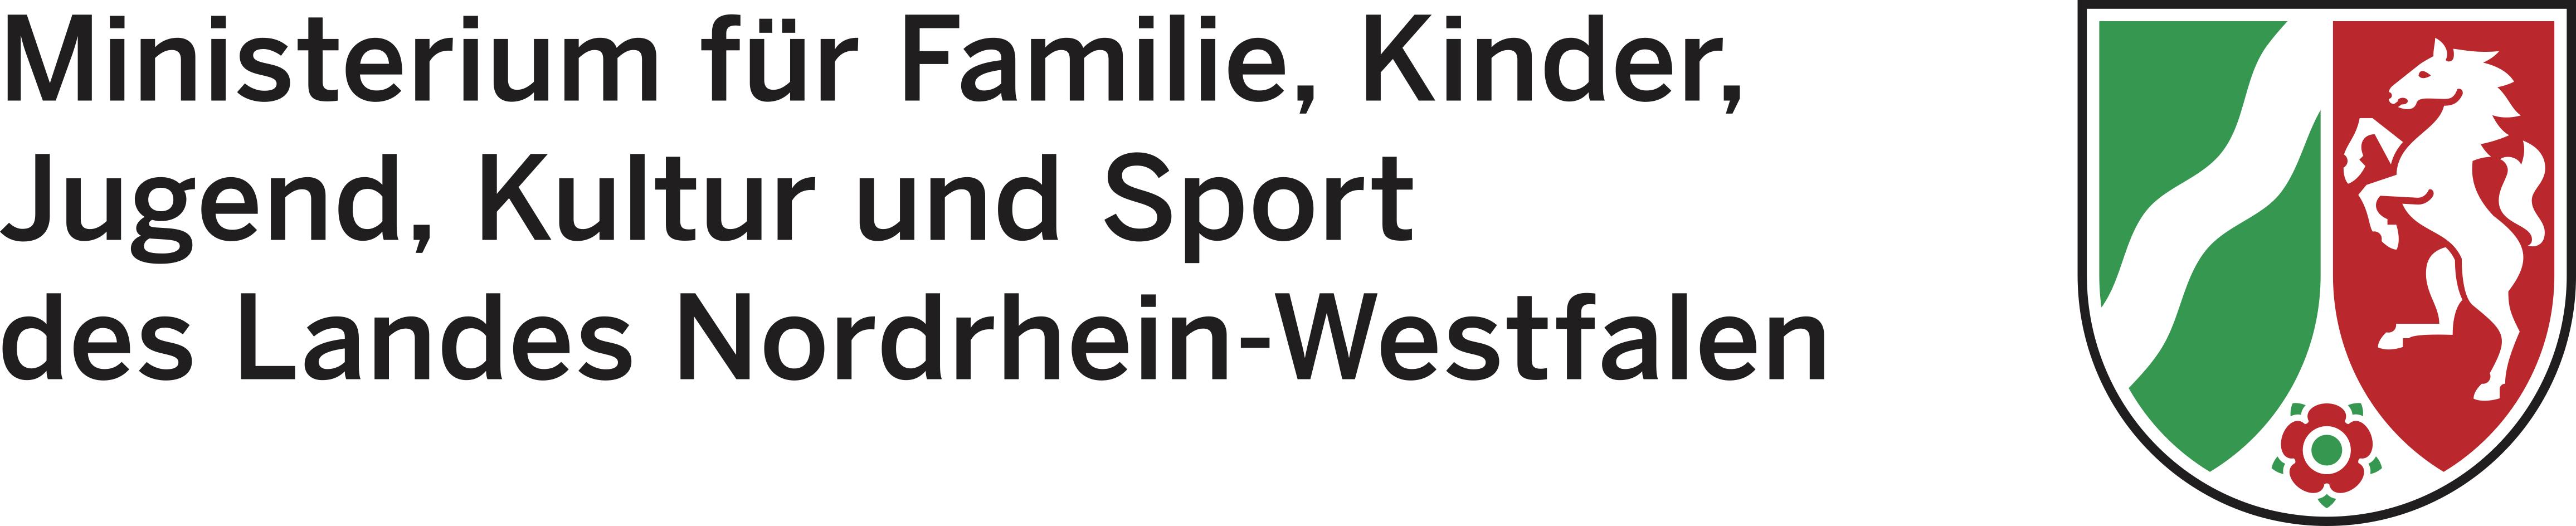 NRW_MFKJKS_CMYK